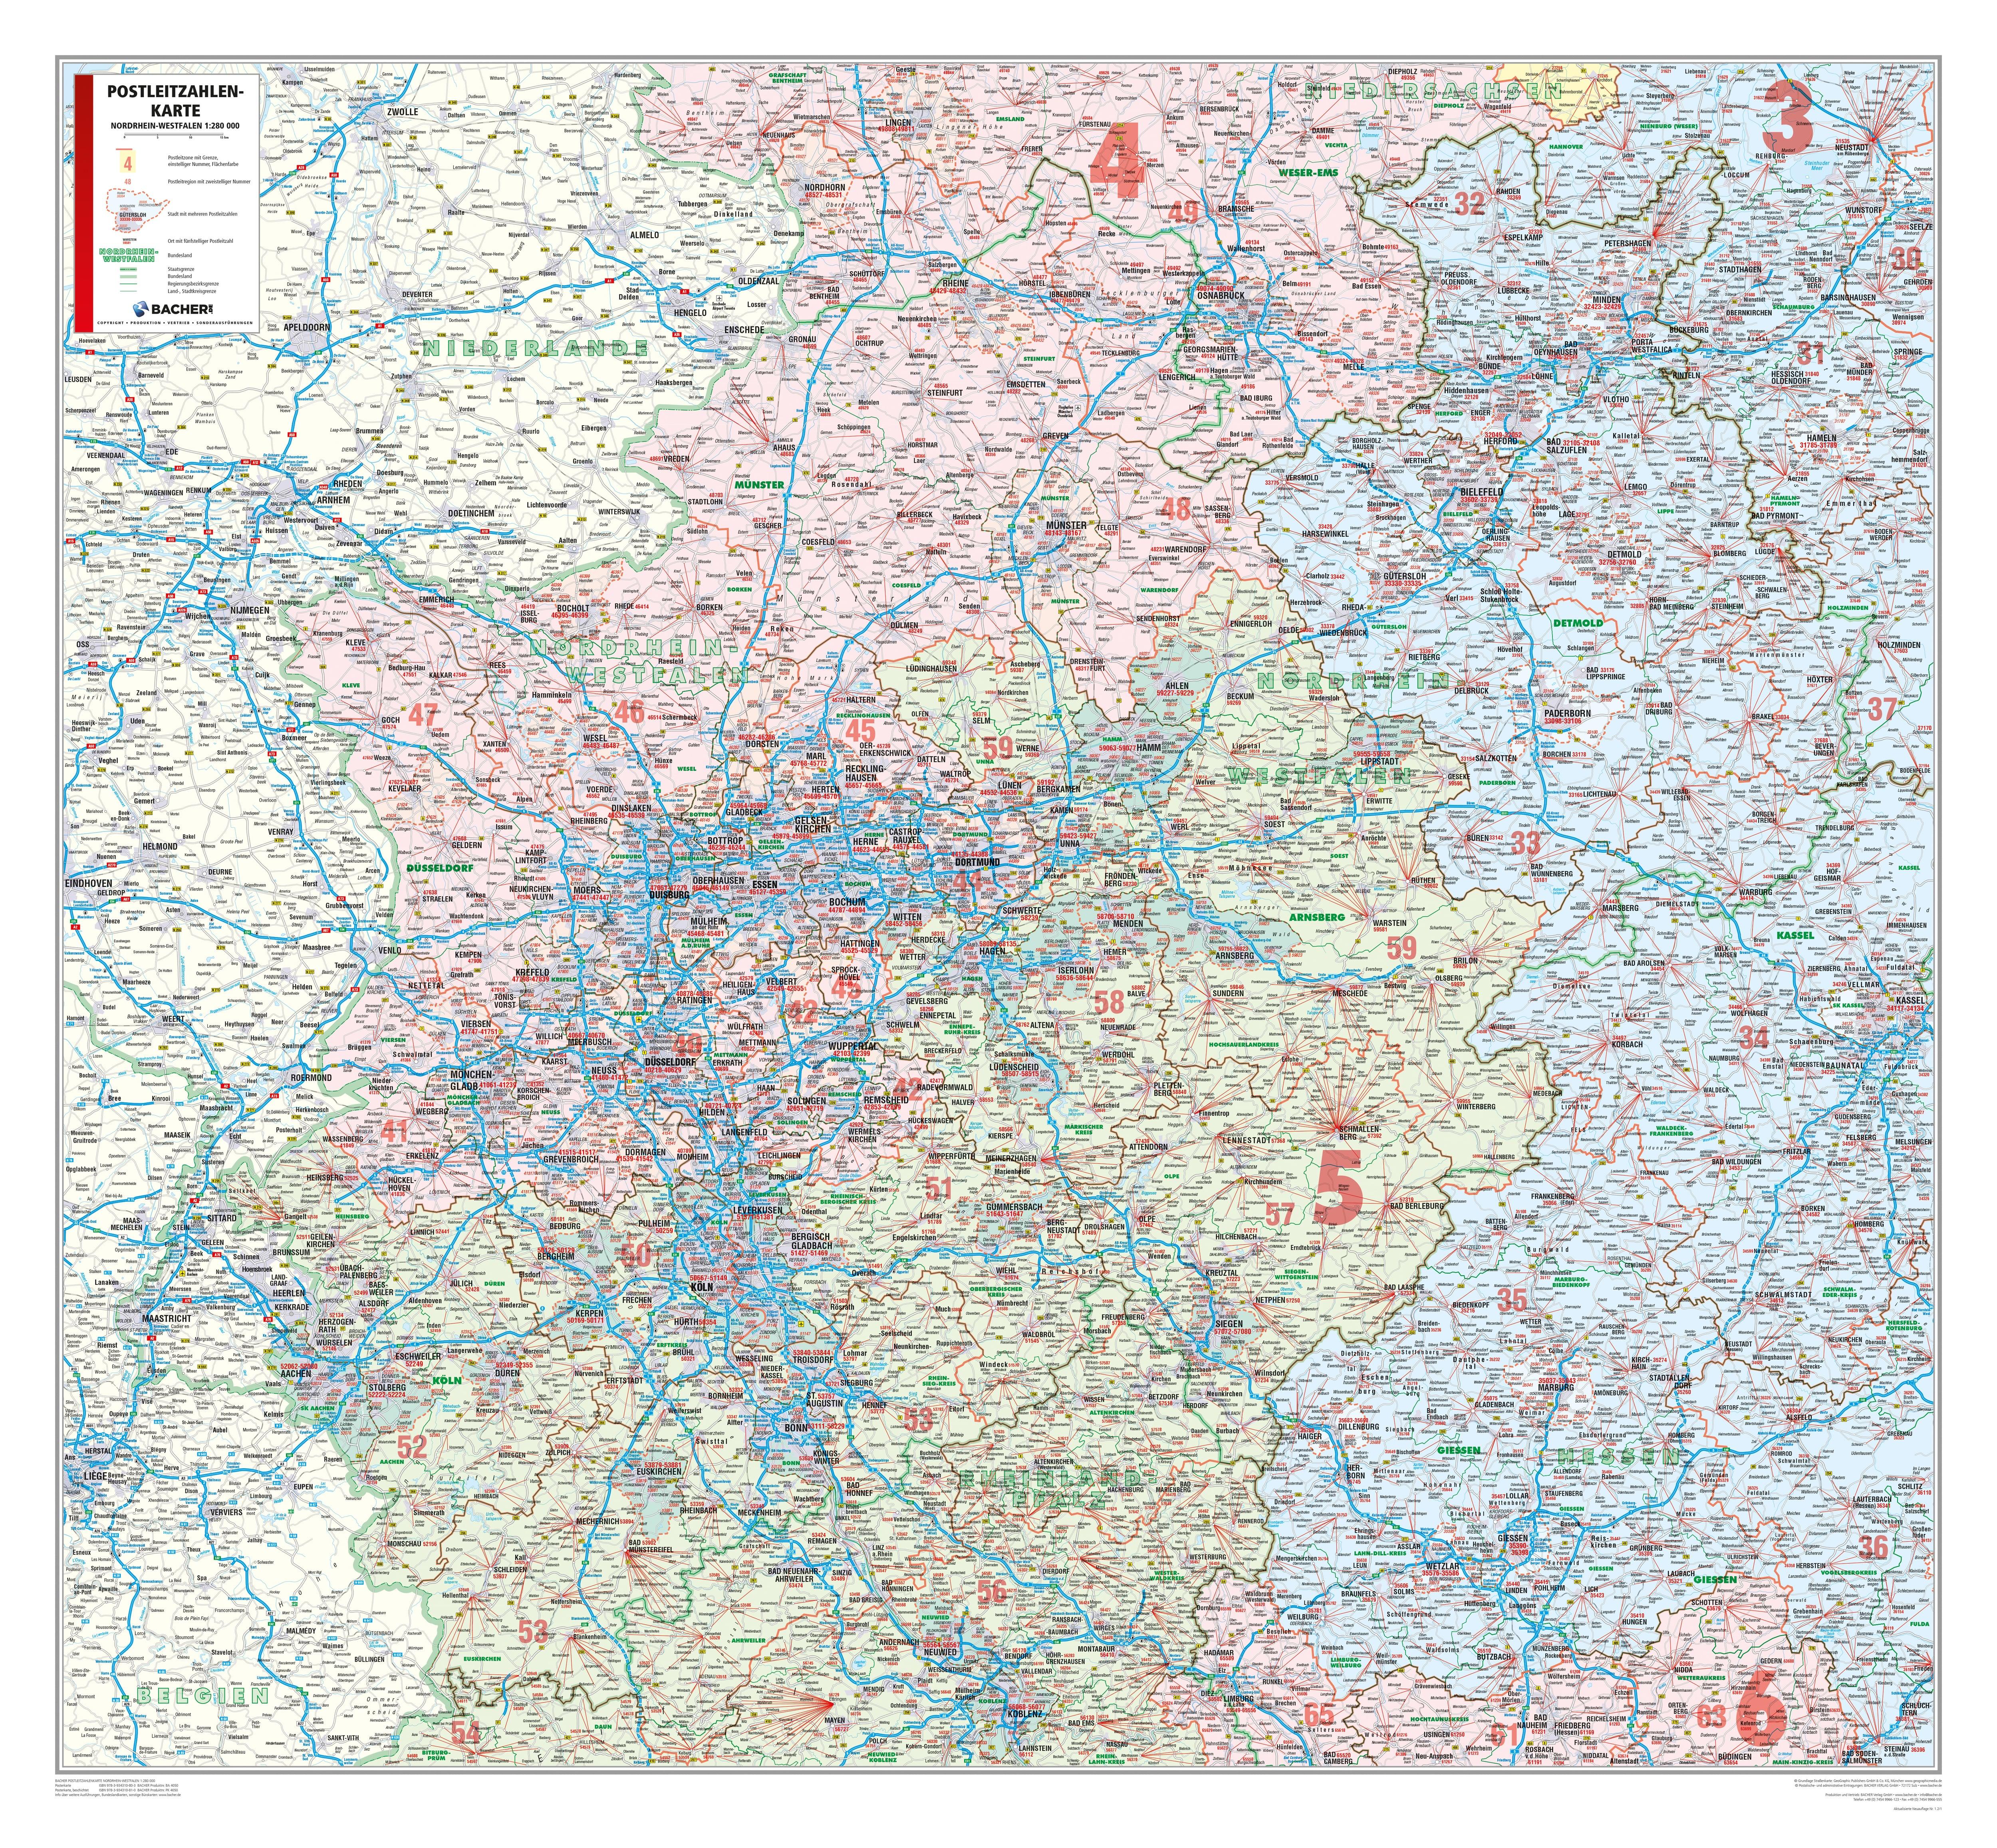 Karte Von Nrw.Postleitzahlenkarte Nordrhein Westfalen 107 X 98cm